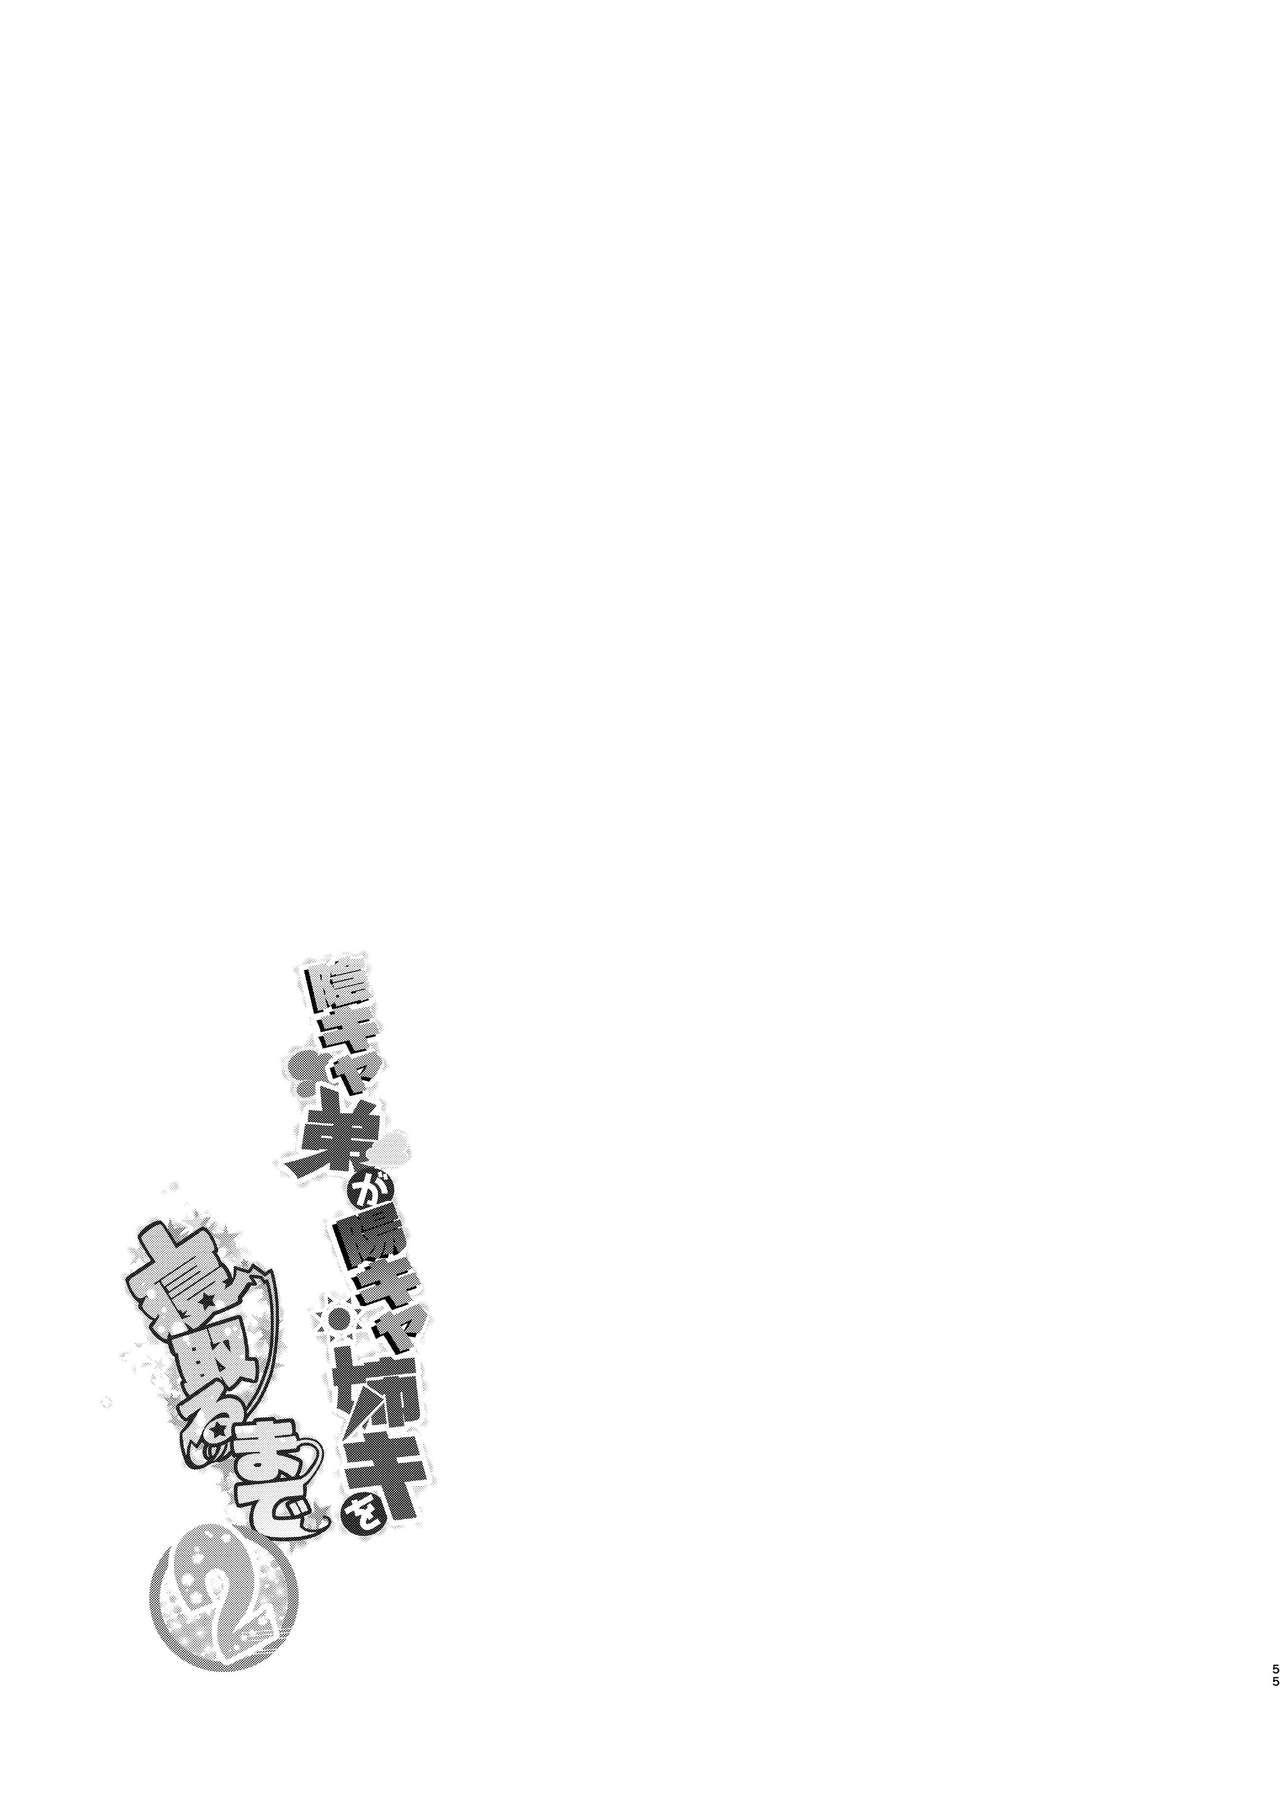 InCha Otouto ga YouCha Aneki o Netoru made 2 53